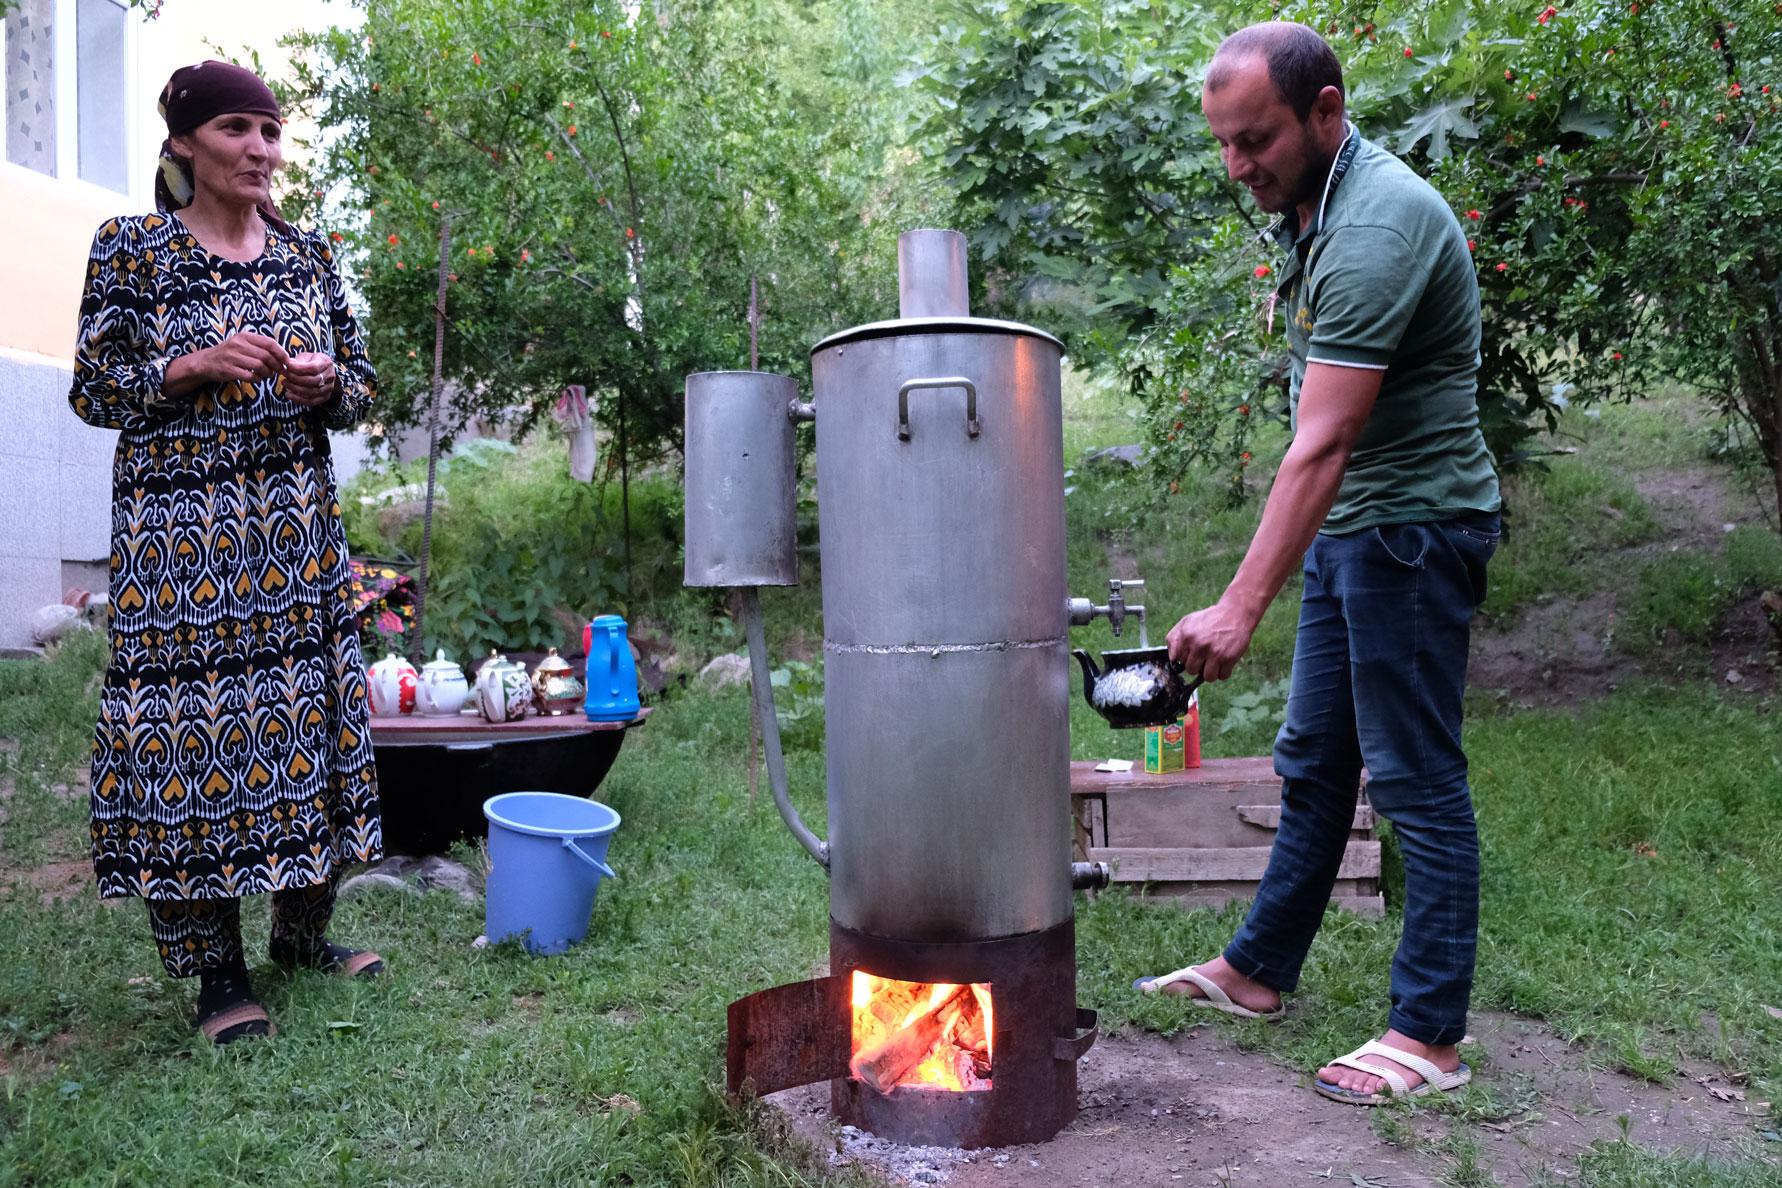 Mit Hilfe des großen Samowars können alle Gäste regelmäßig mit Tee versorgt werden